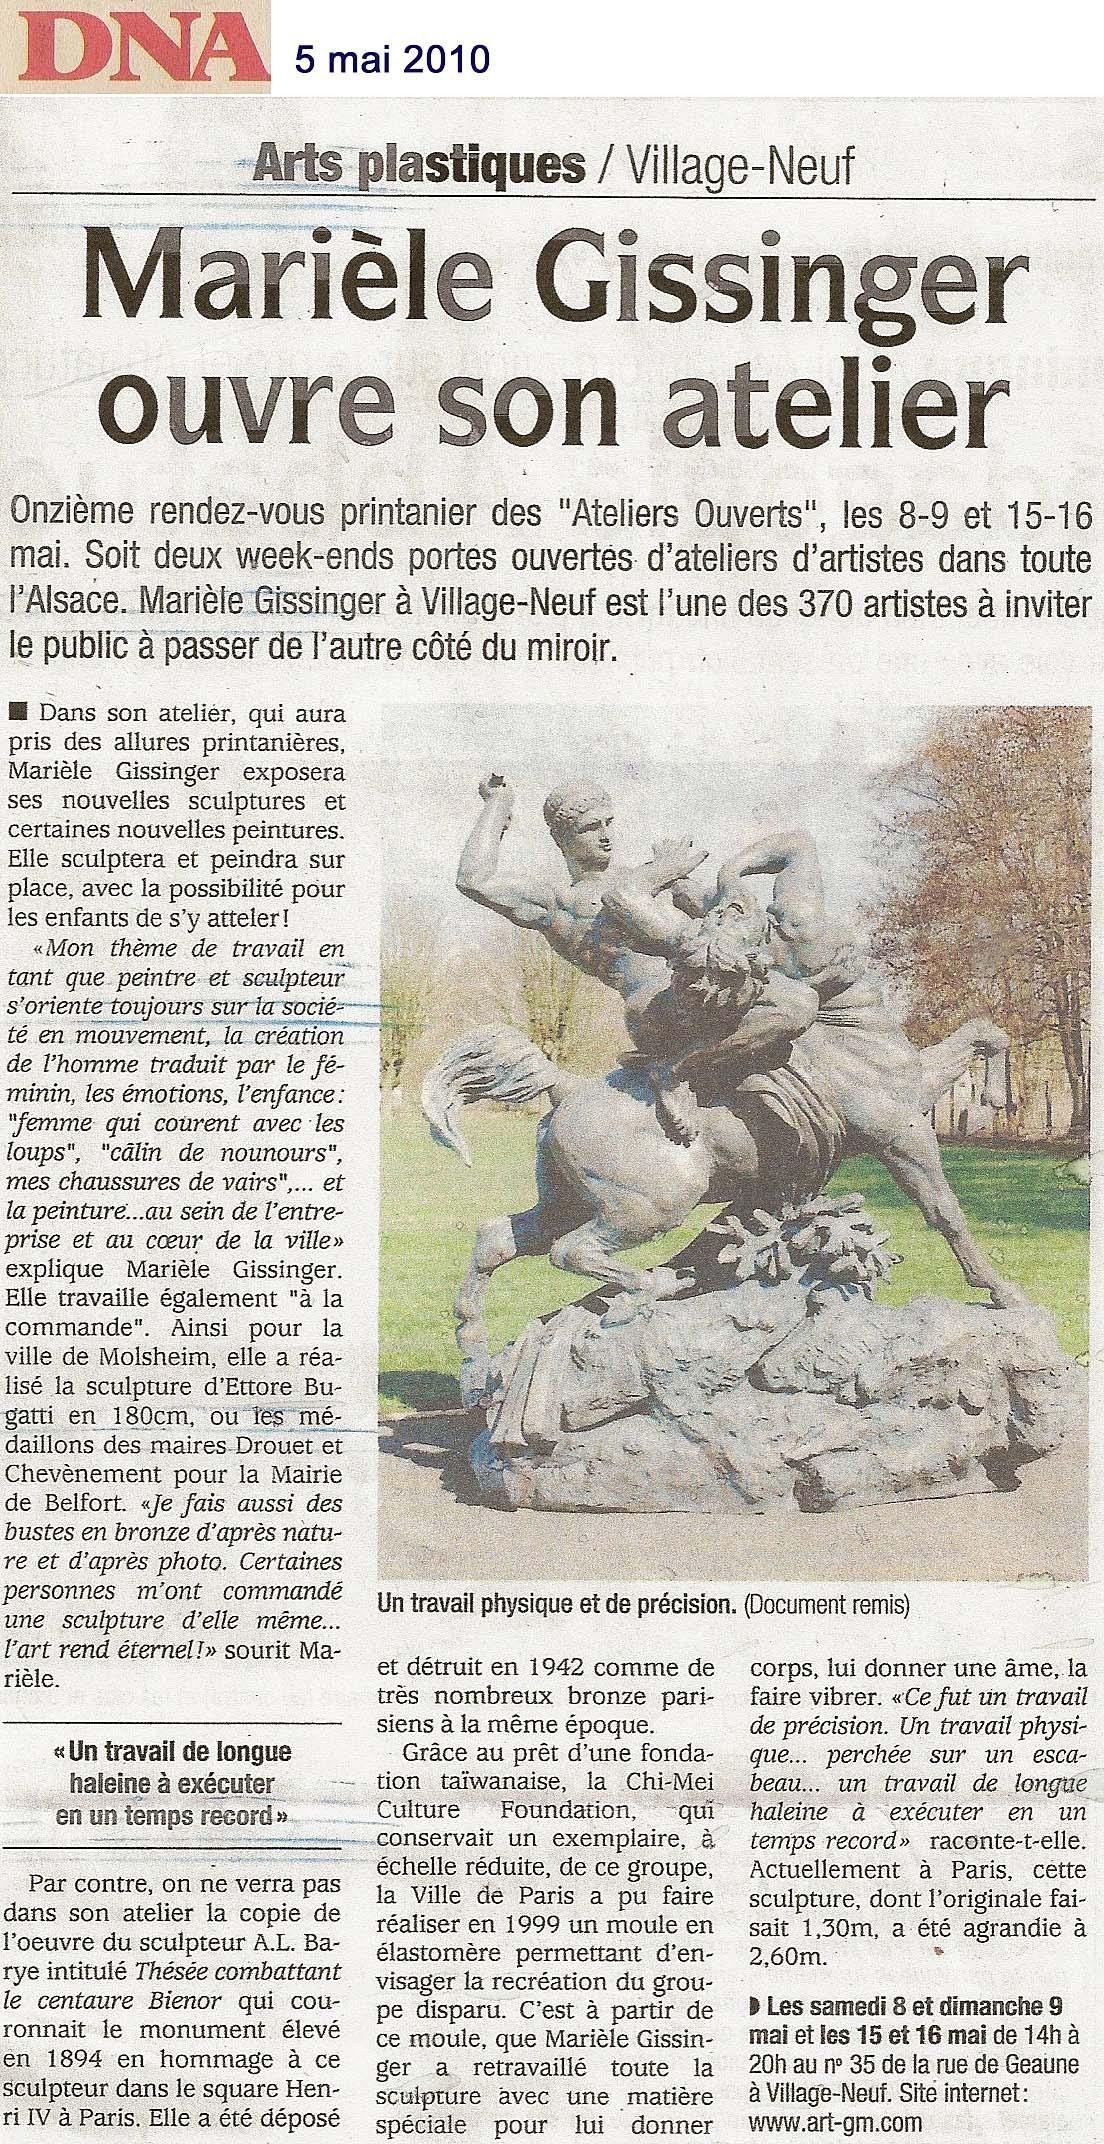 Fondation Chi Chei Taïwan - square Henri IV - Paris- Gissinger Mariele – Sculpture – Bronzes – Modelage – Terre – Ton - Céramique – Porcelaine – Porcelain – Artiste - Art-gm – Alsace - France